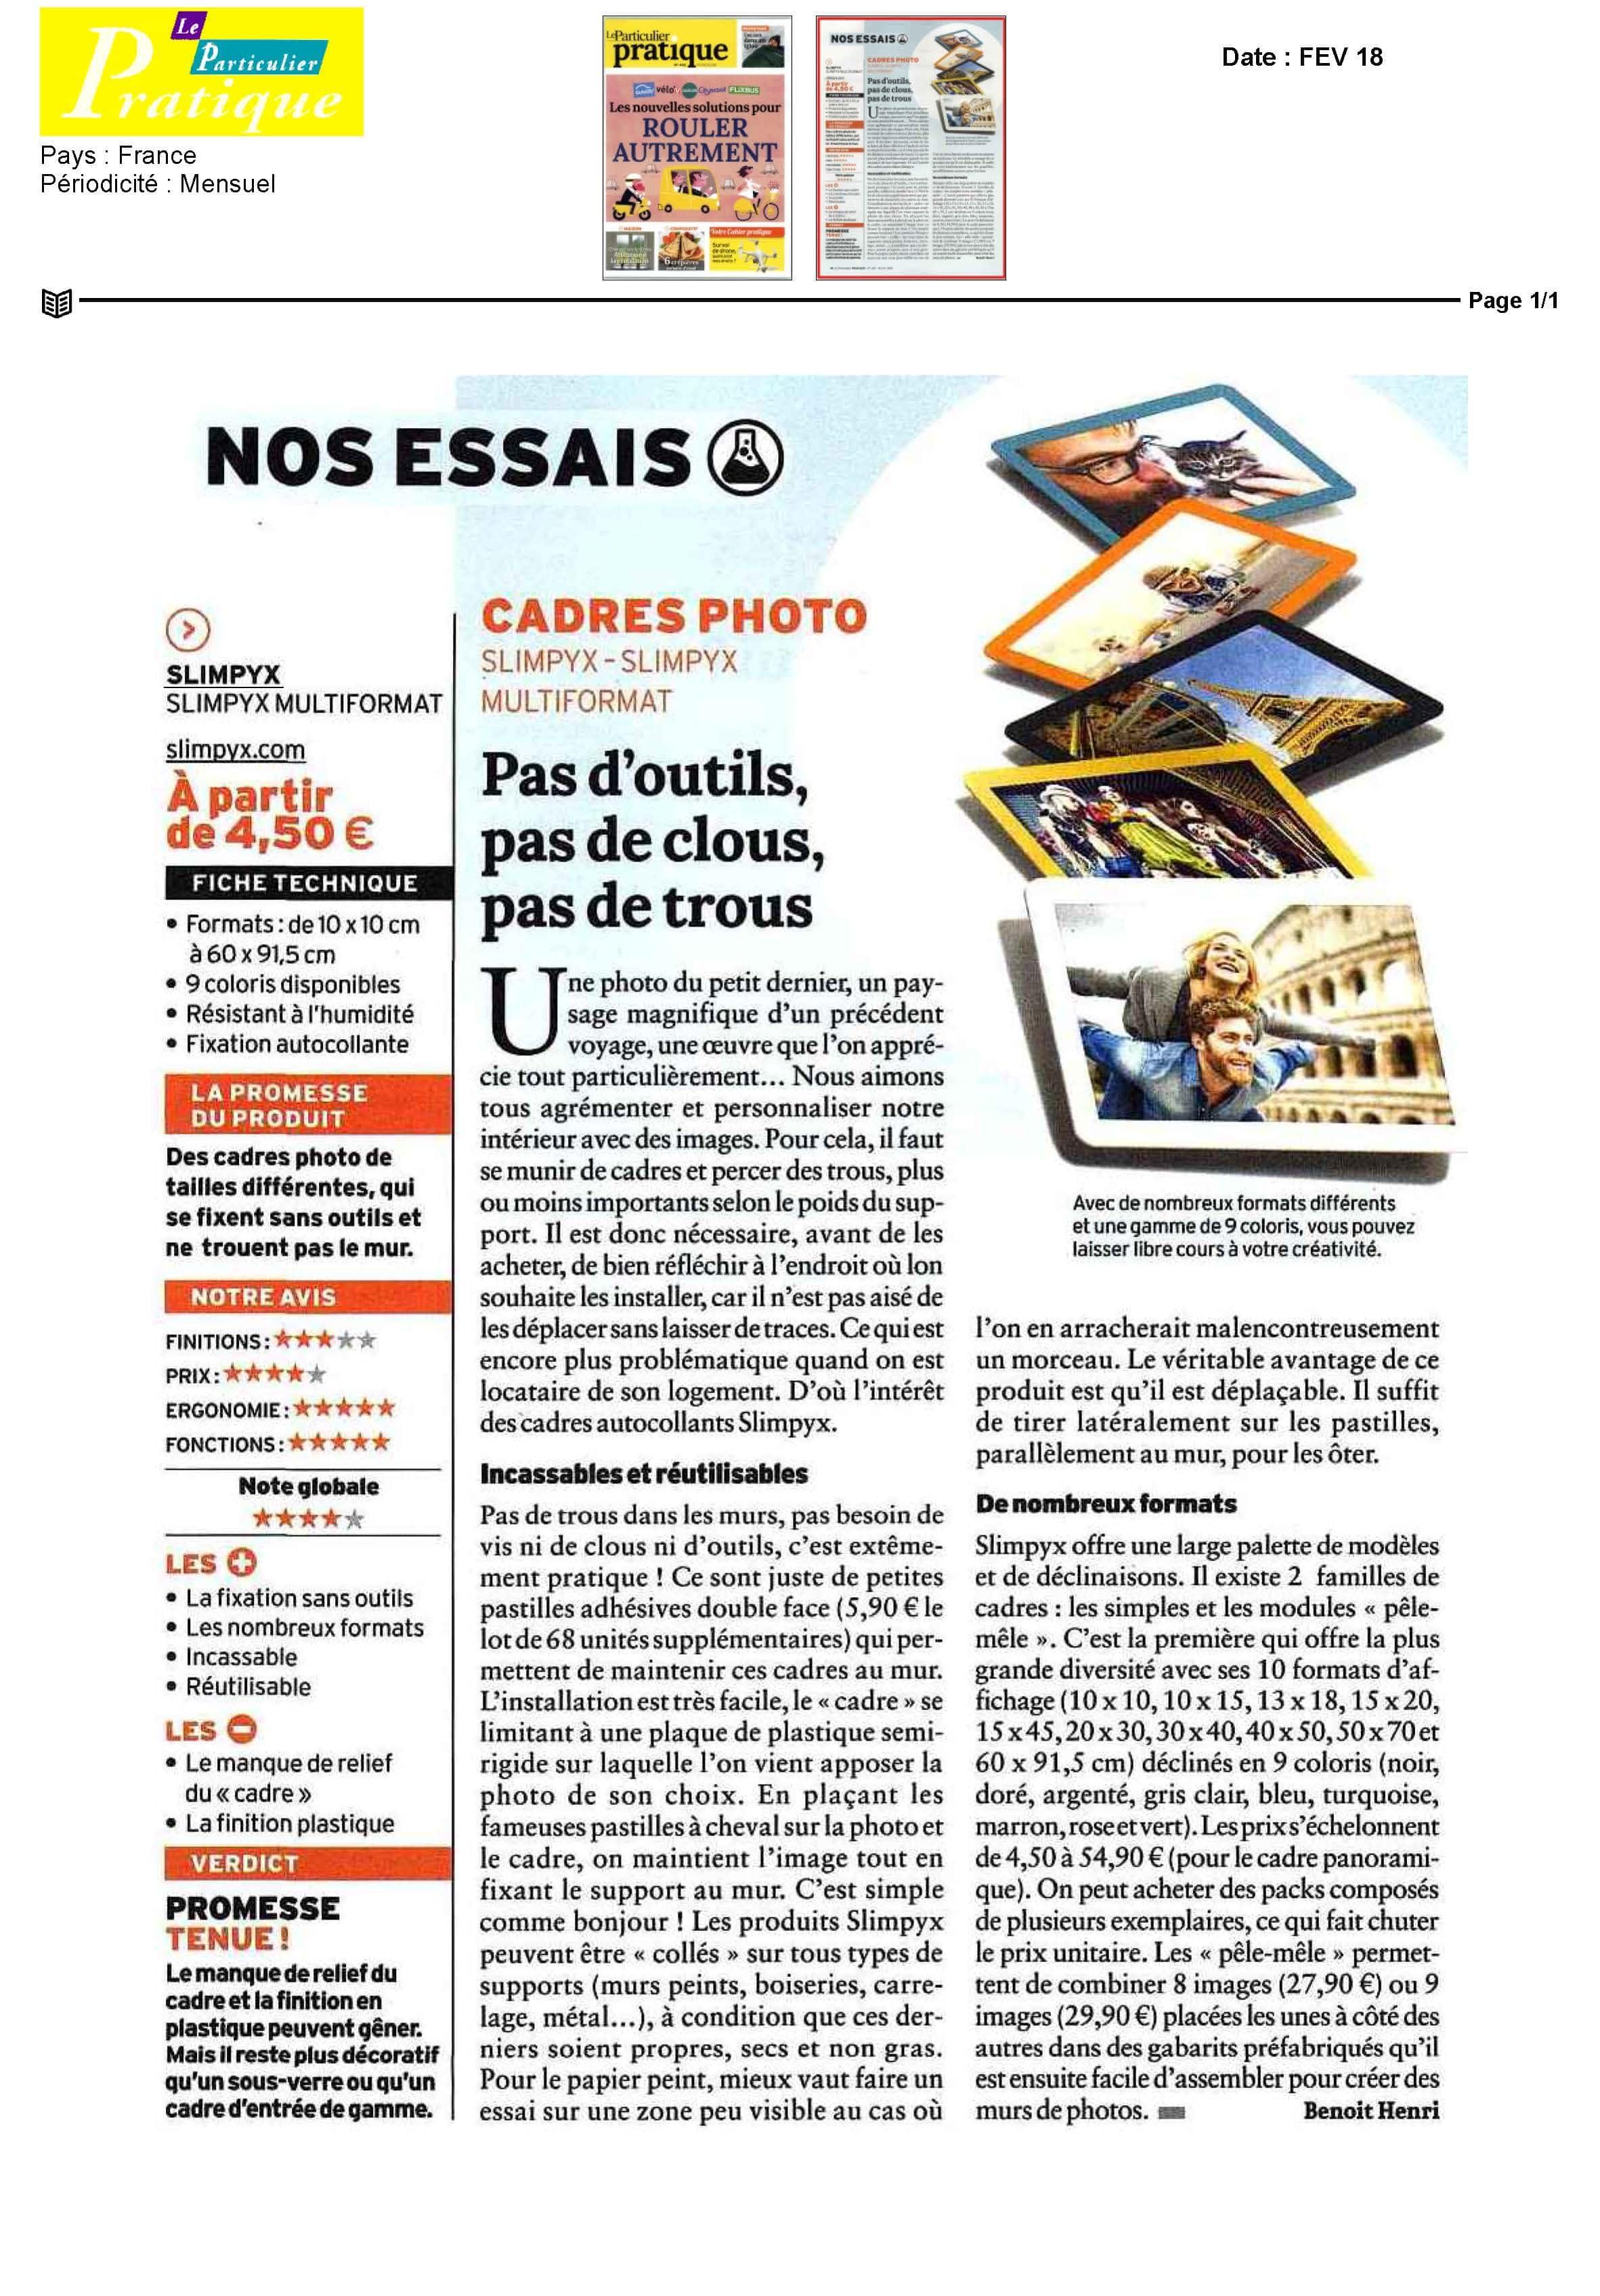 article-presse-particulier-slimpyx